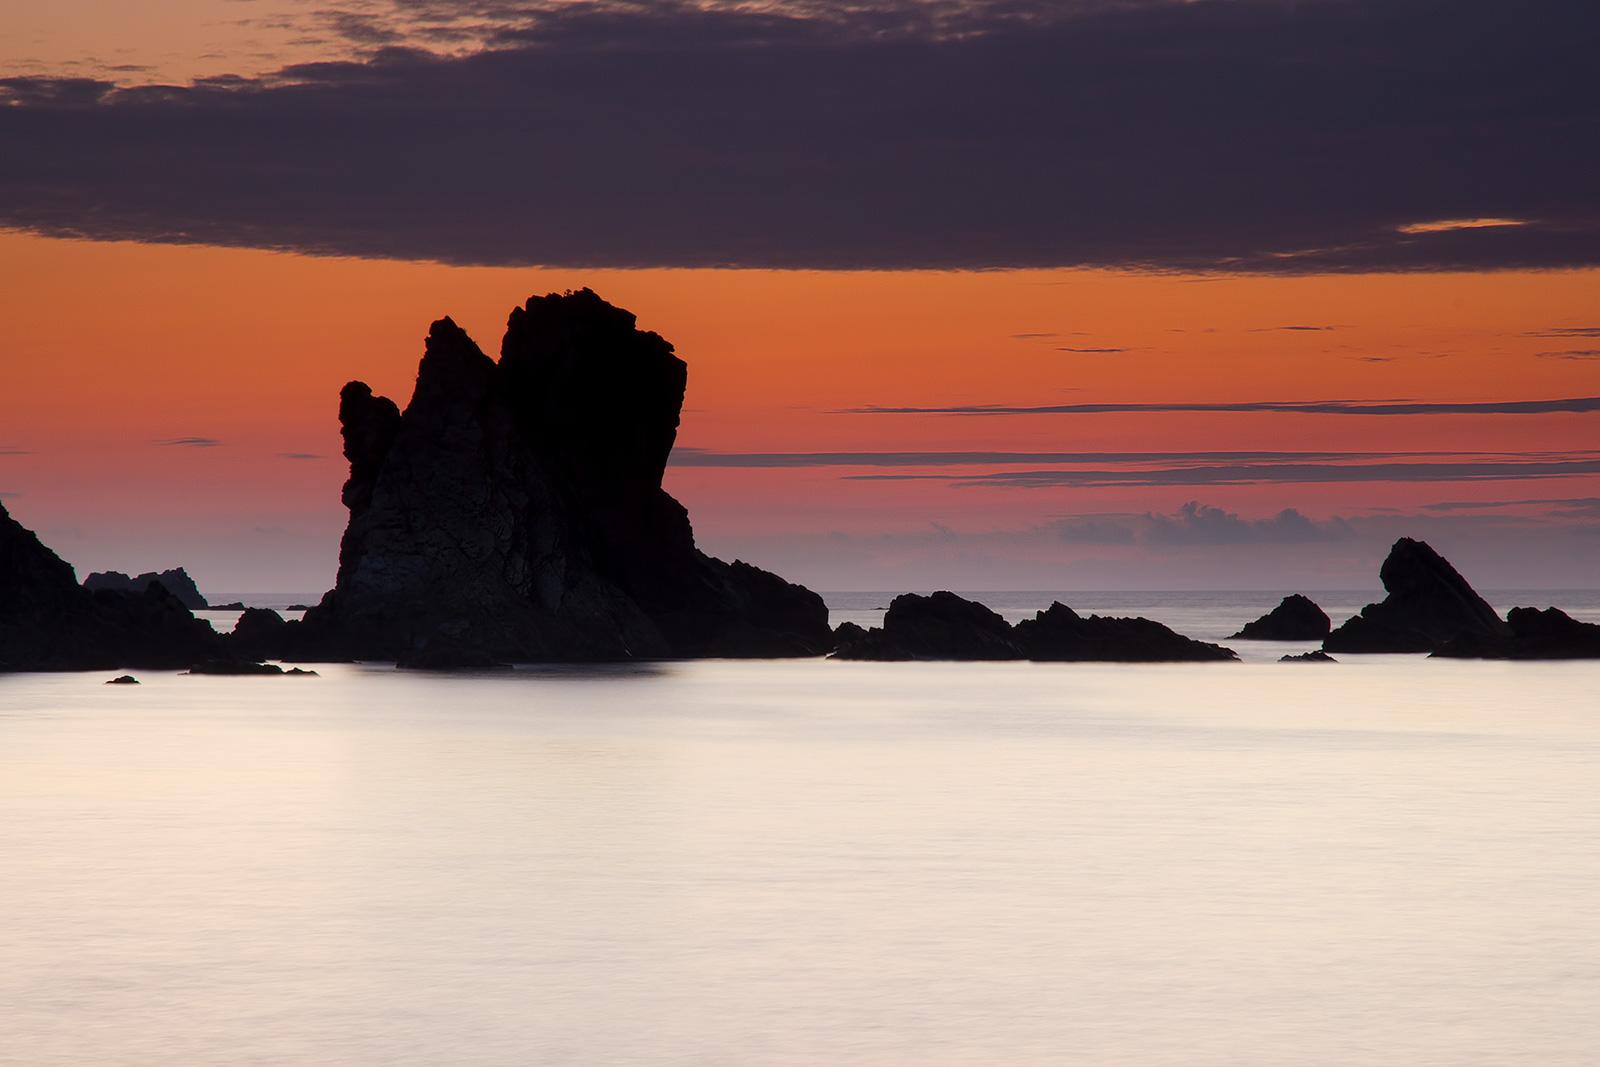 Paisaje en playa del silencio en Asturias, atardecer, larga exposición